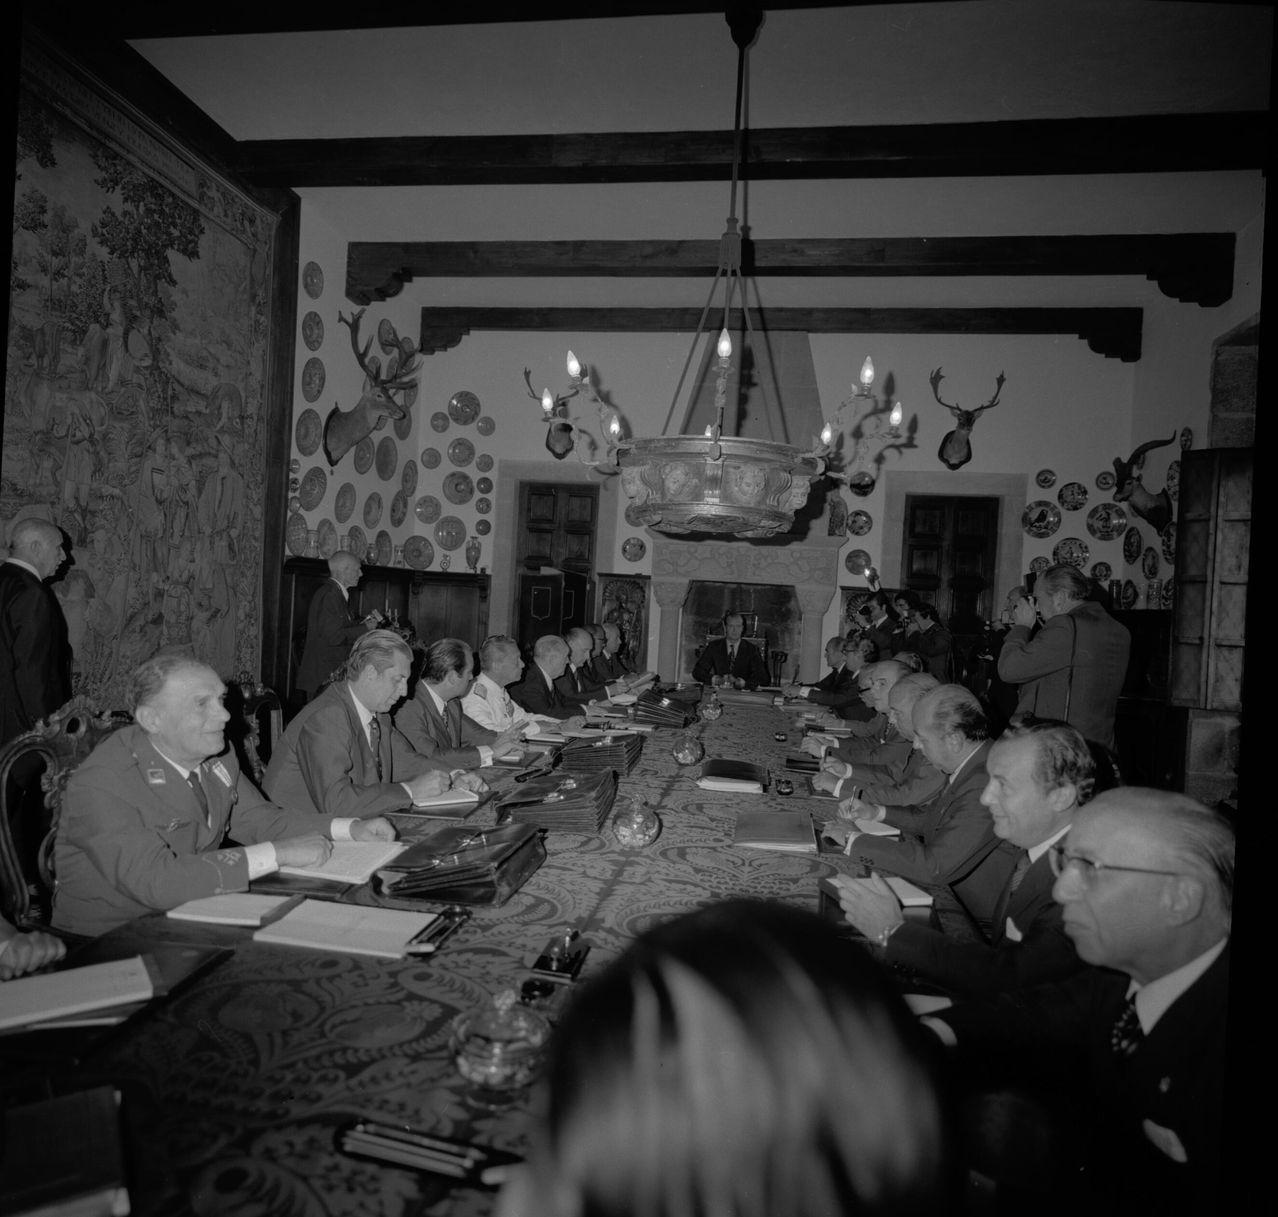 Consejo de ministros presidido por el entonces príncipe Juan Carlos en una de las estancias del pazo, en la que se aprecia un tapiz cubriendo una de las paredes, trofeos de caza y una de las chimeneas monumentales de la planta baja